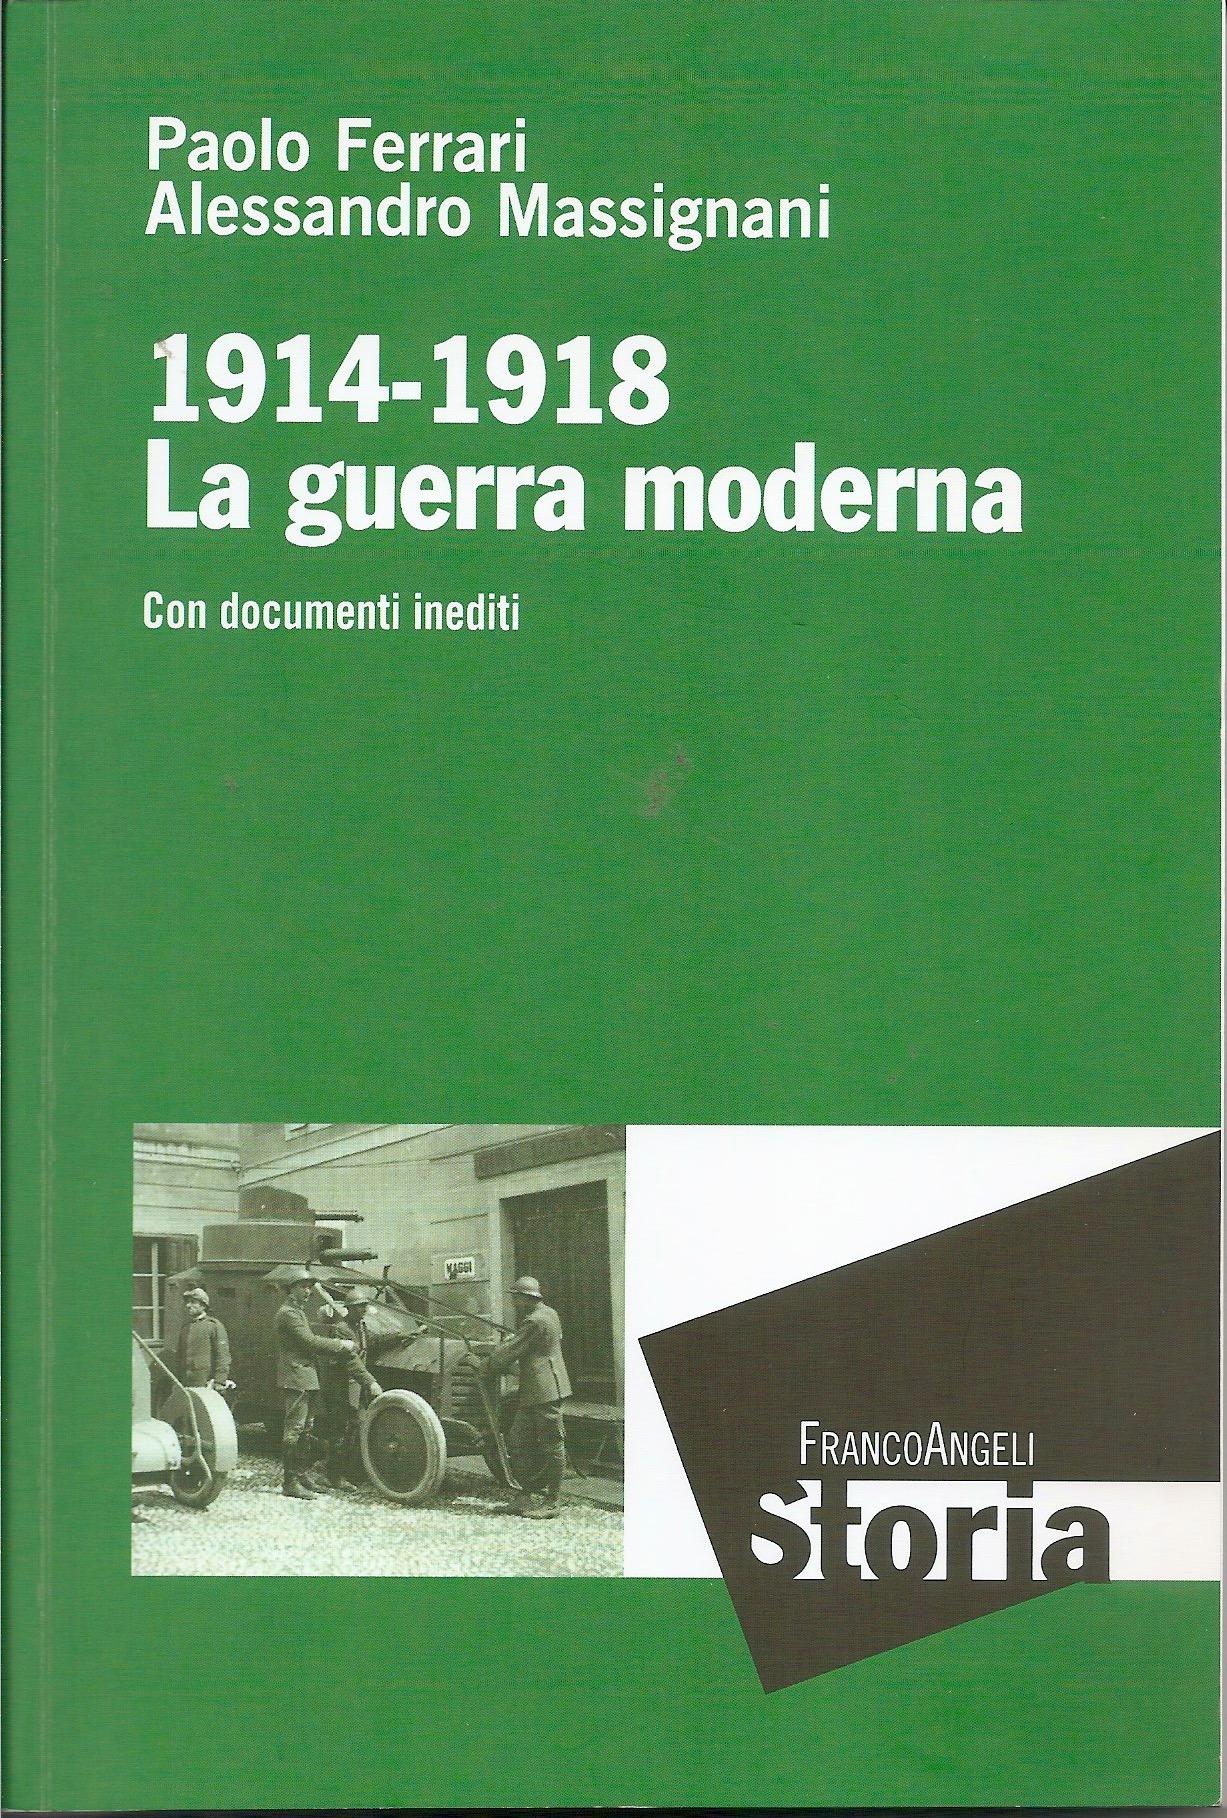 1914-1918 La guerra moderna